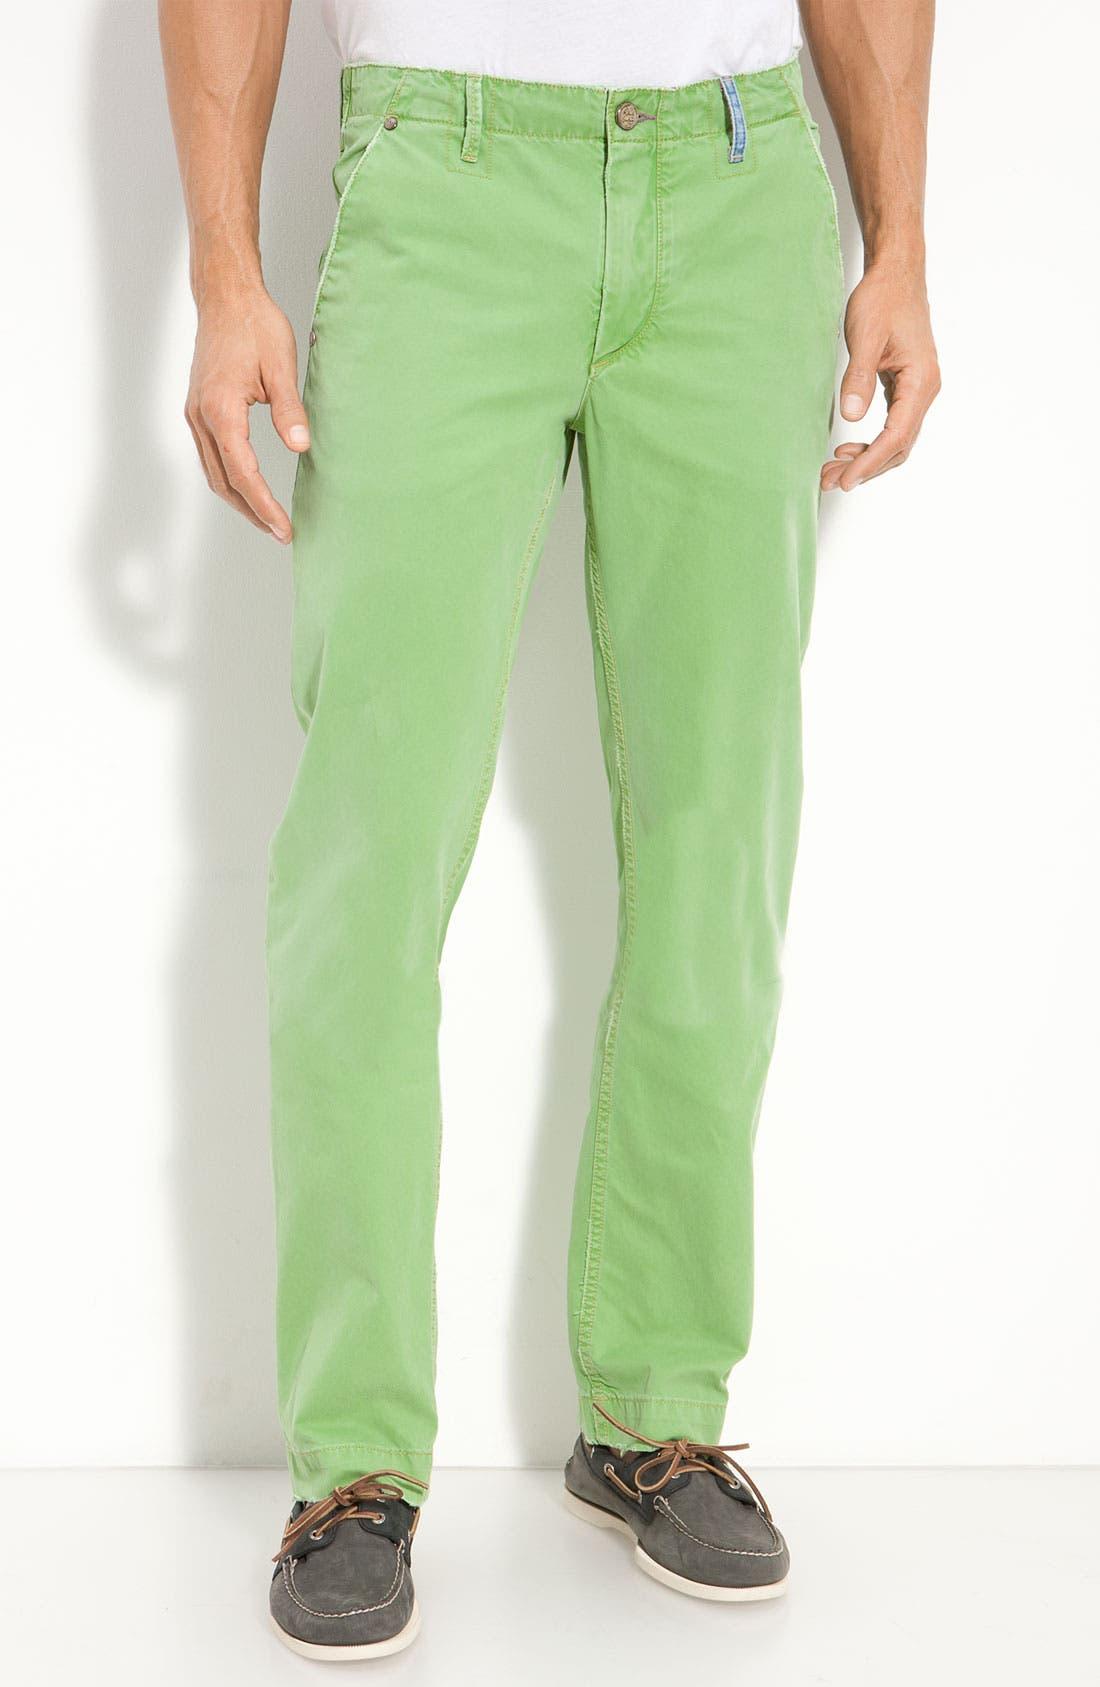 Alternate Image 1 Selected - Robert Graham Jeans 'Yates' Classic Fit Pants